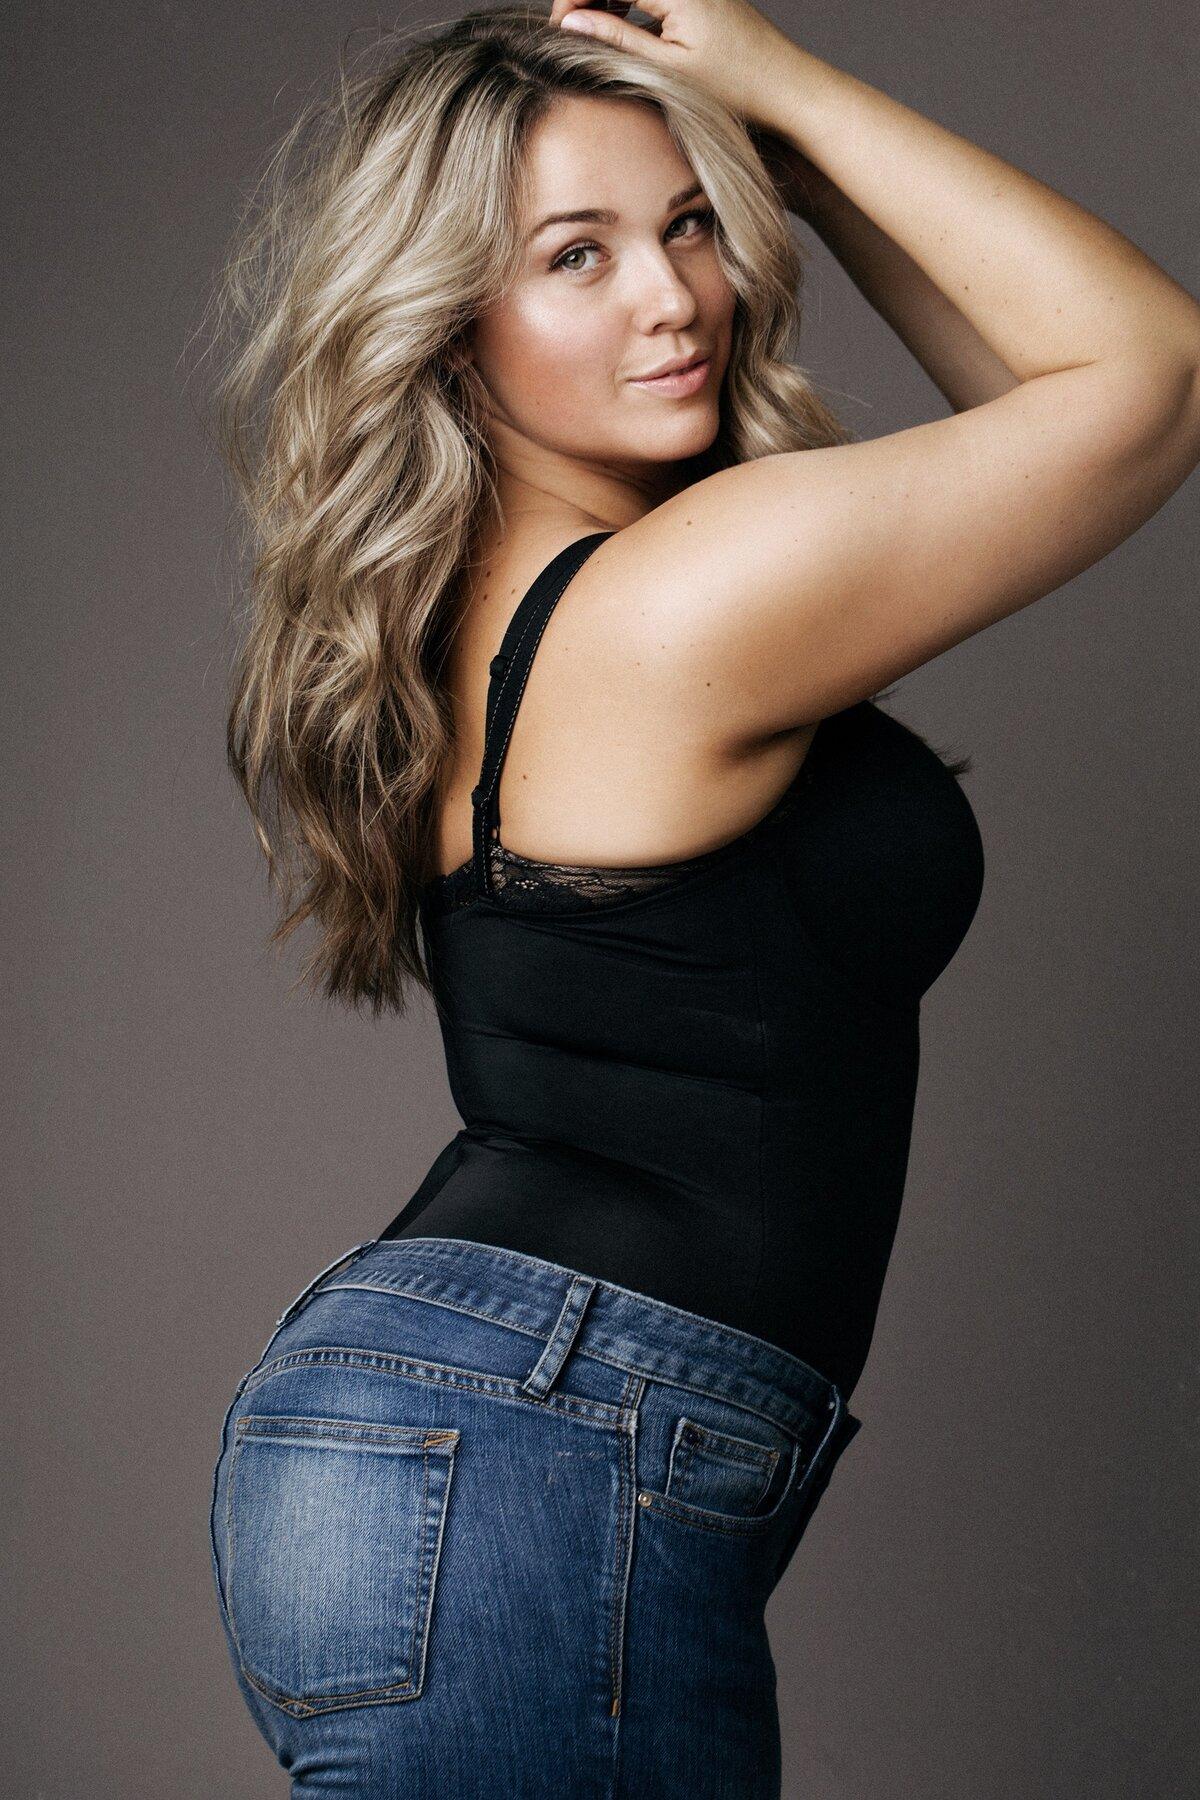 голые фото девушки полненькие красивые блондинки хотите разместить свой